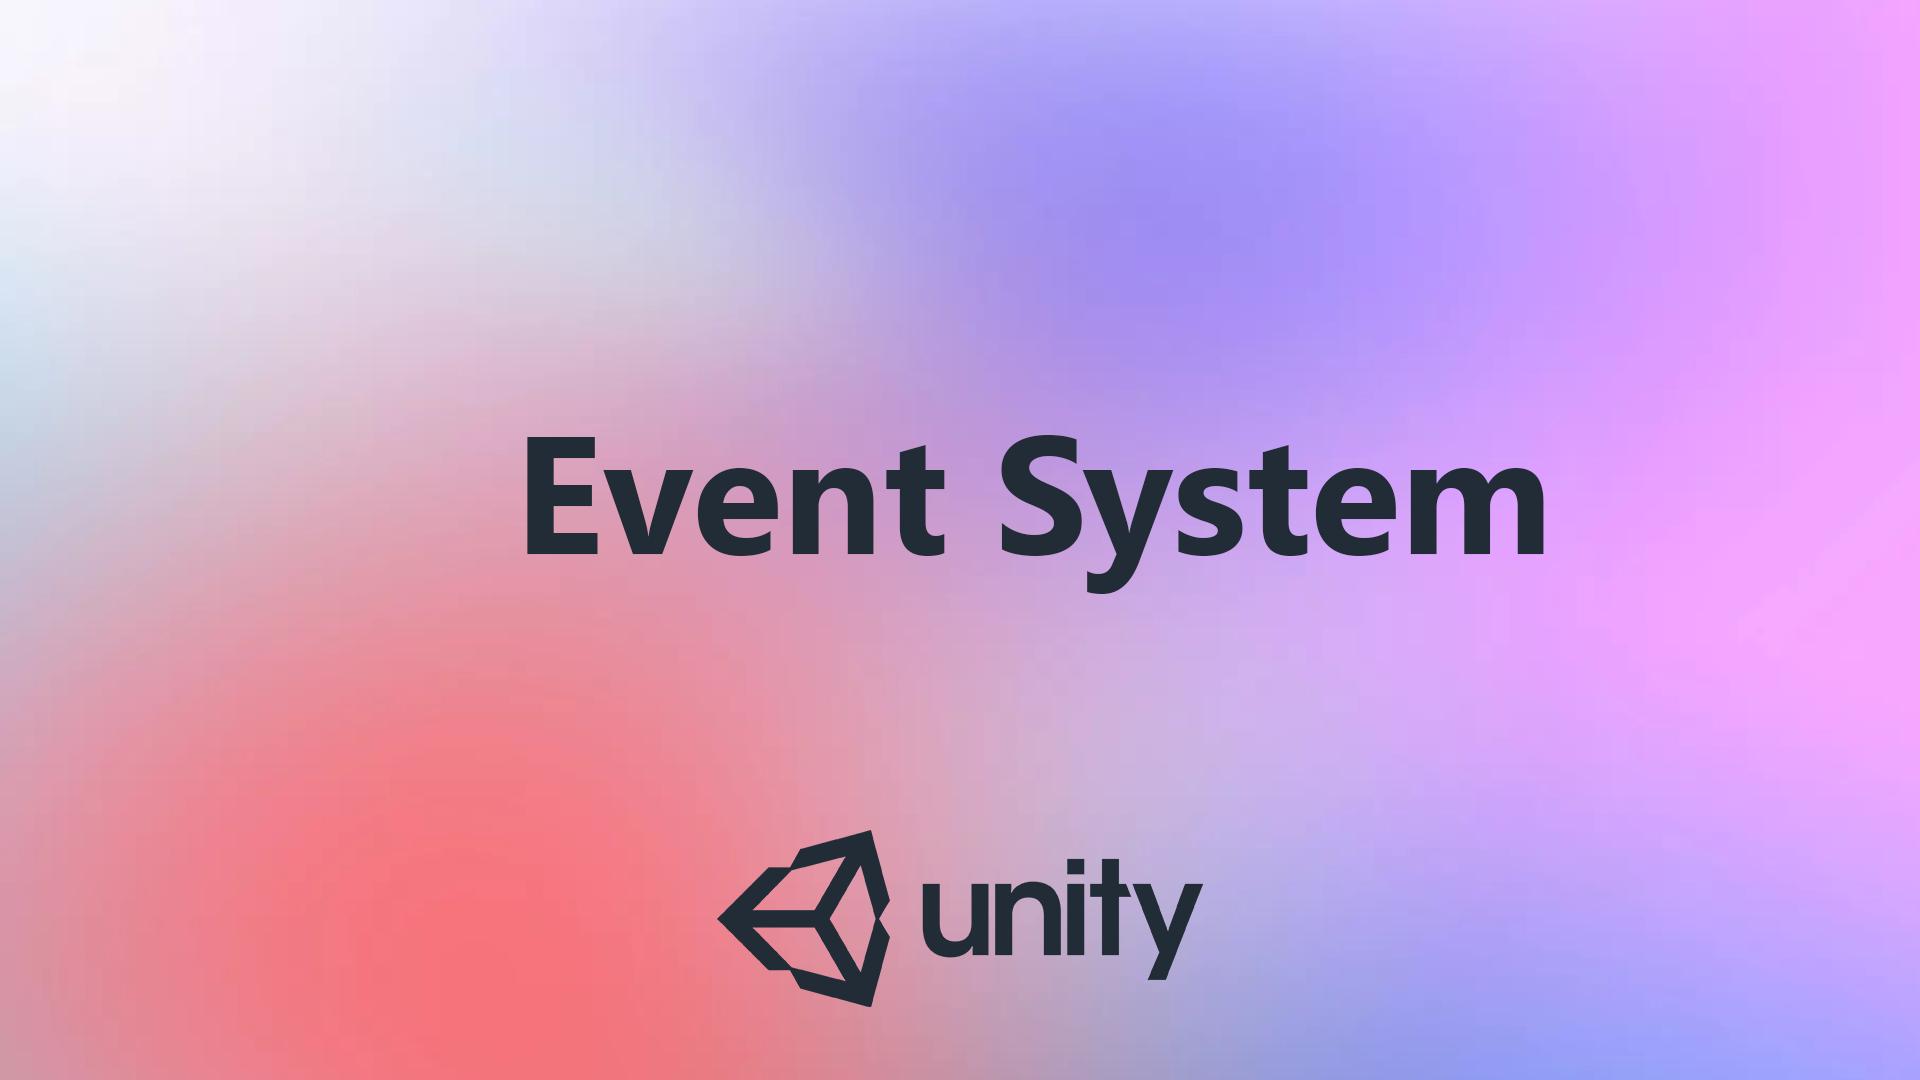 Работа с EventSystem в Unity. Базовые вещи в работе с UI - 1